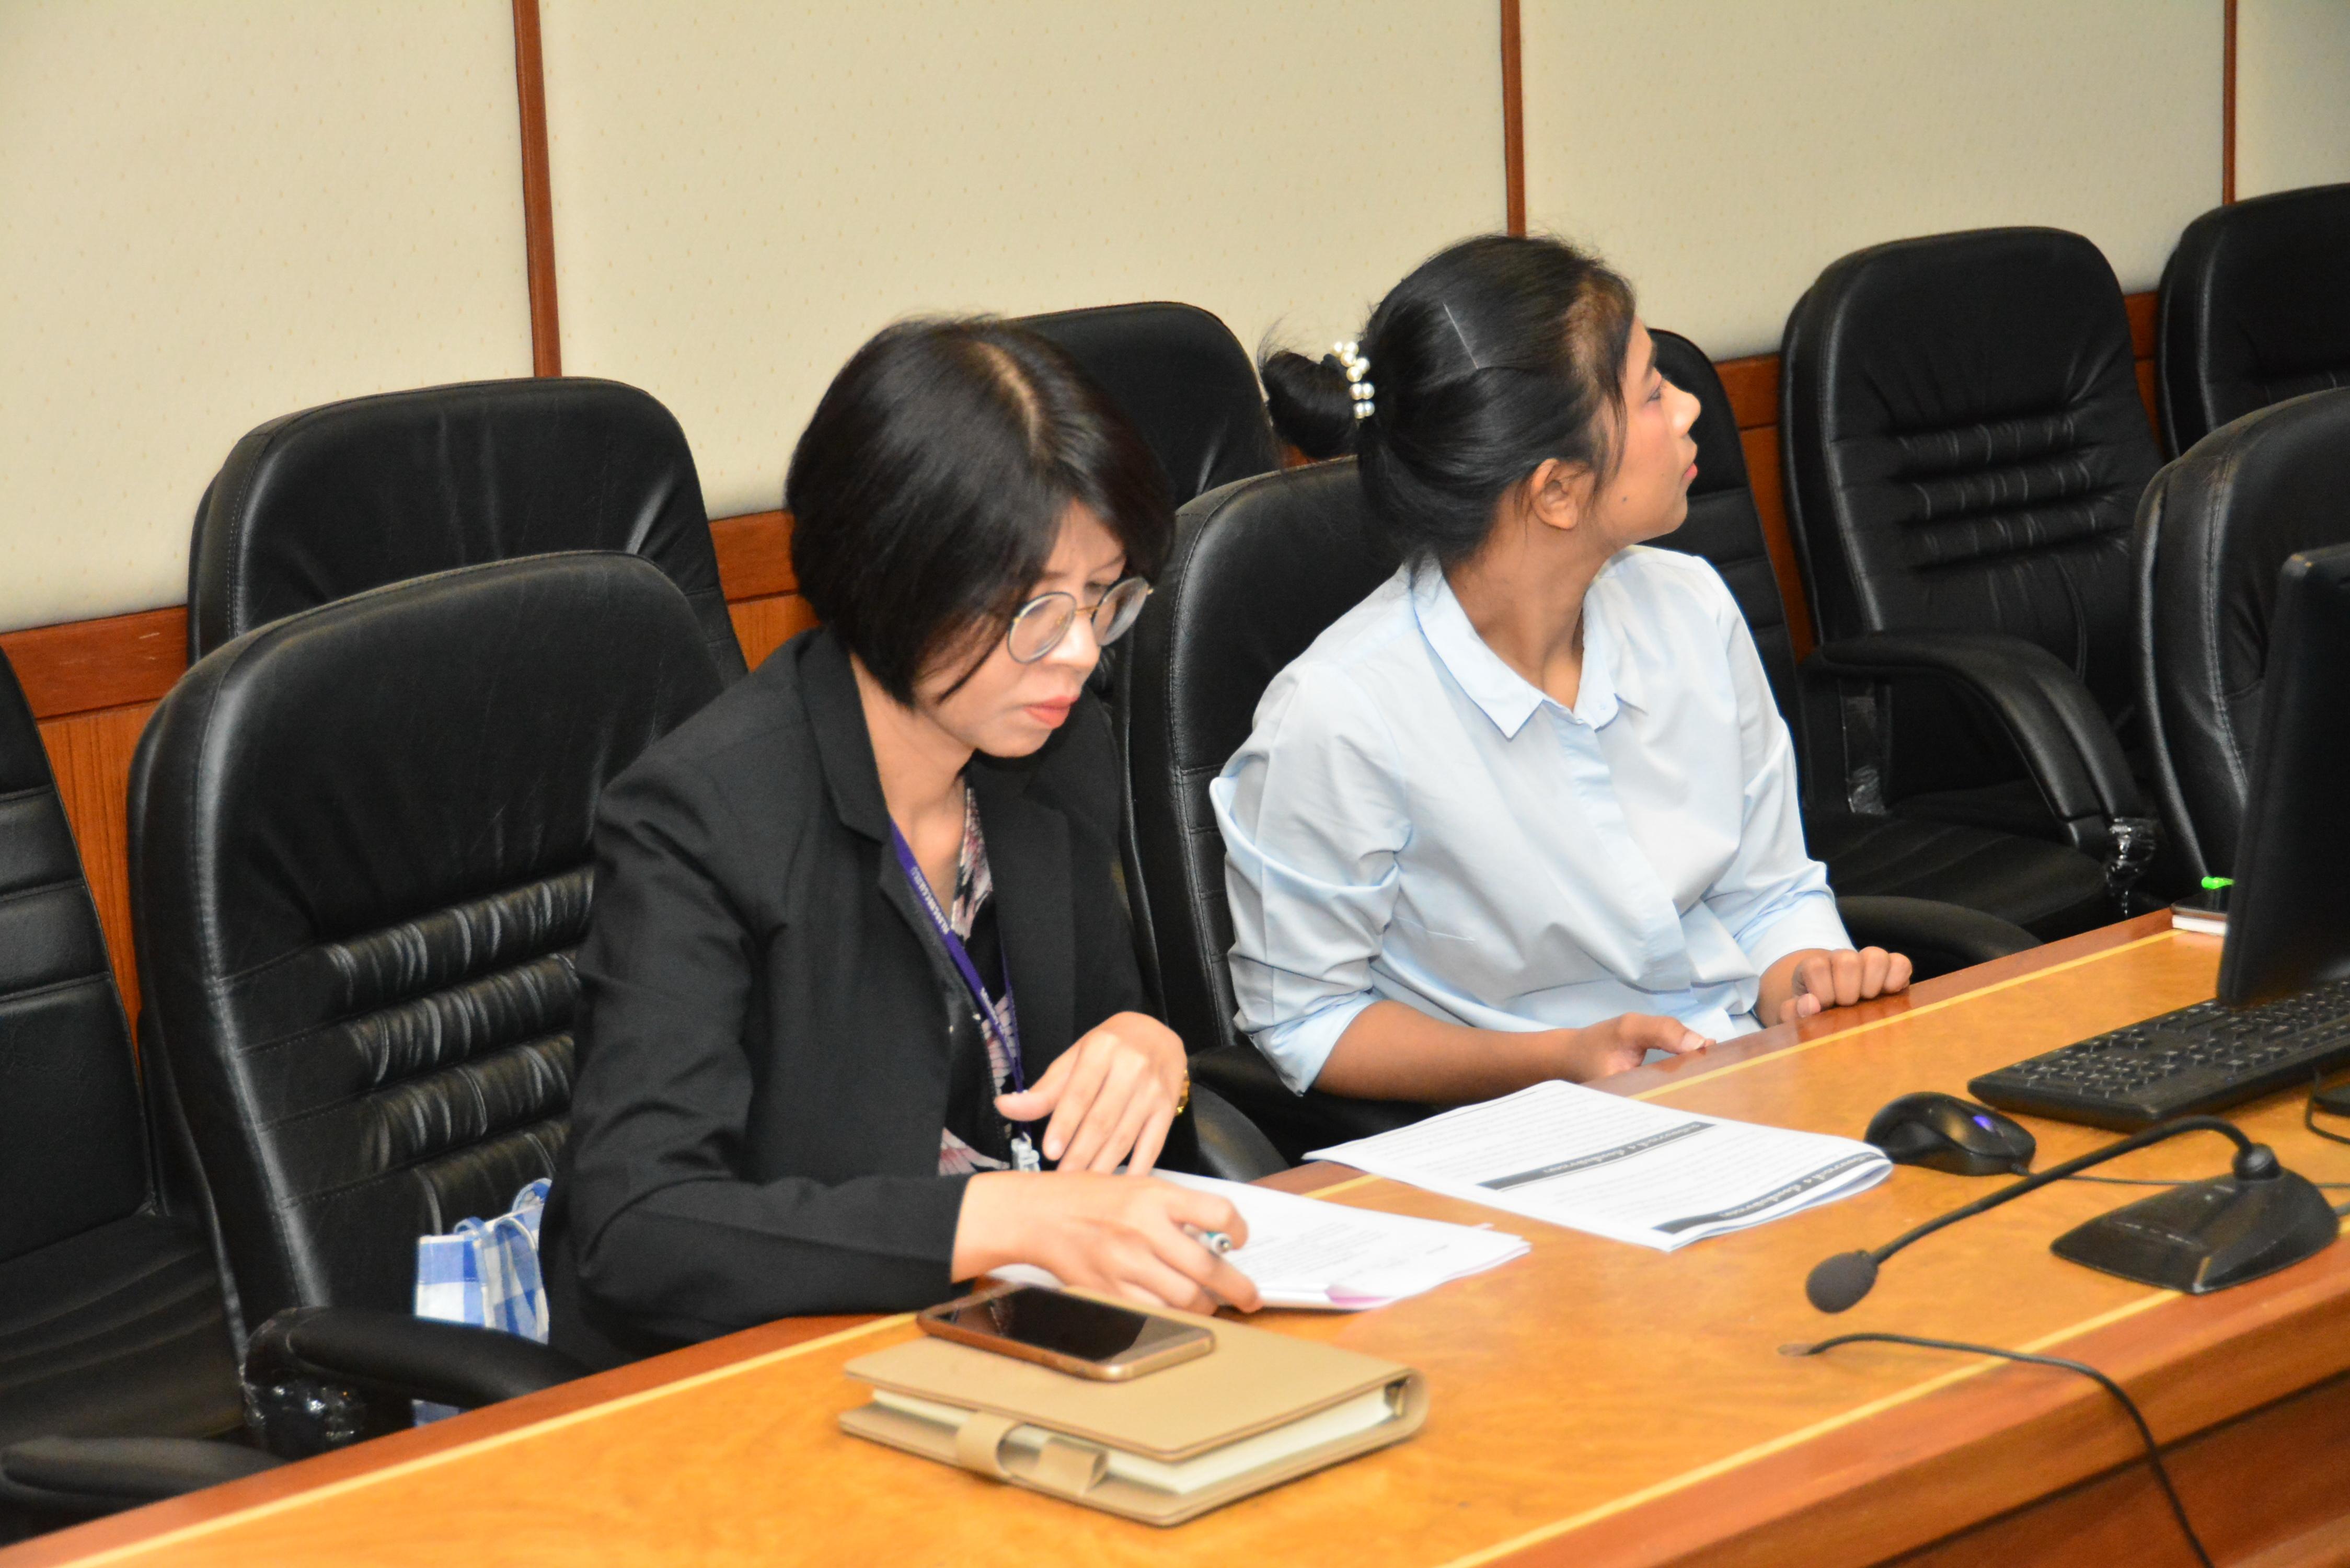 ก.แรงงาน ประชุมคณะทำงานฯ งานกาชาด ประจำปี 2561  ครั้งที่ 2/2562